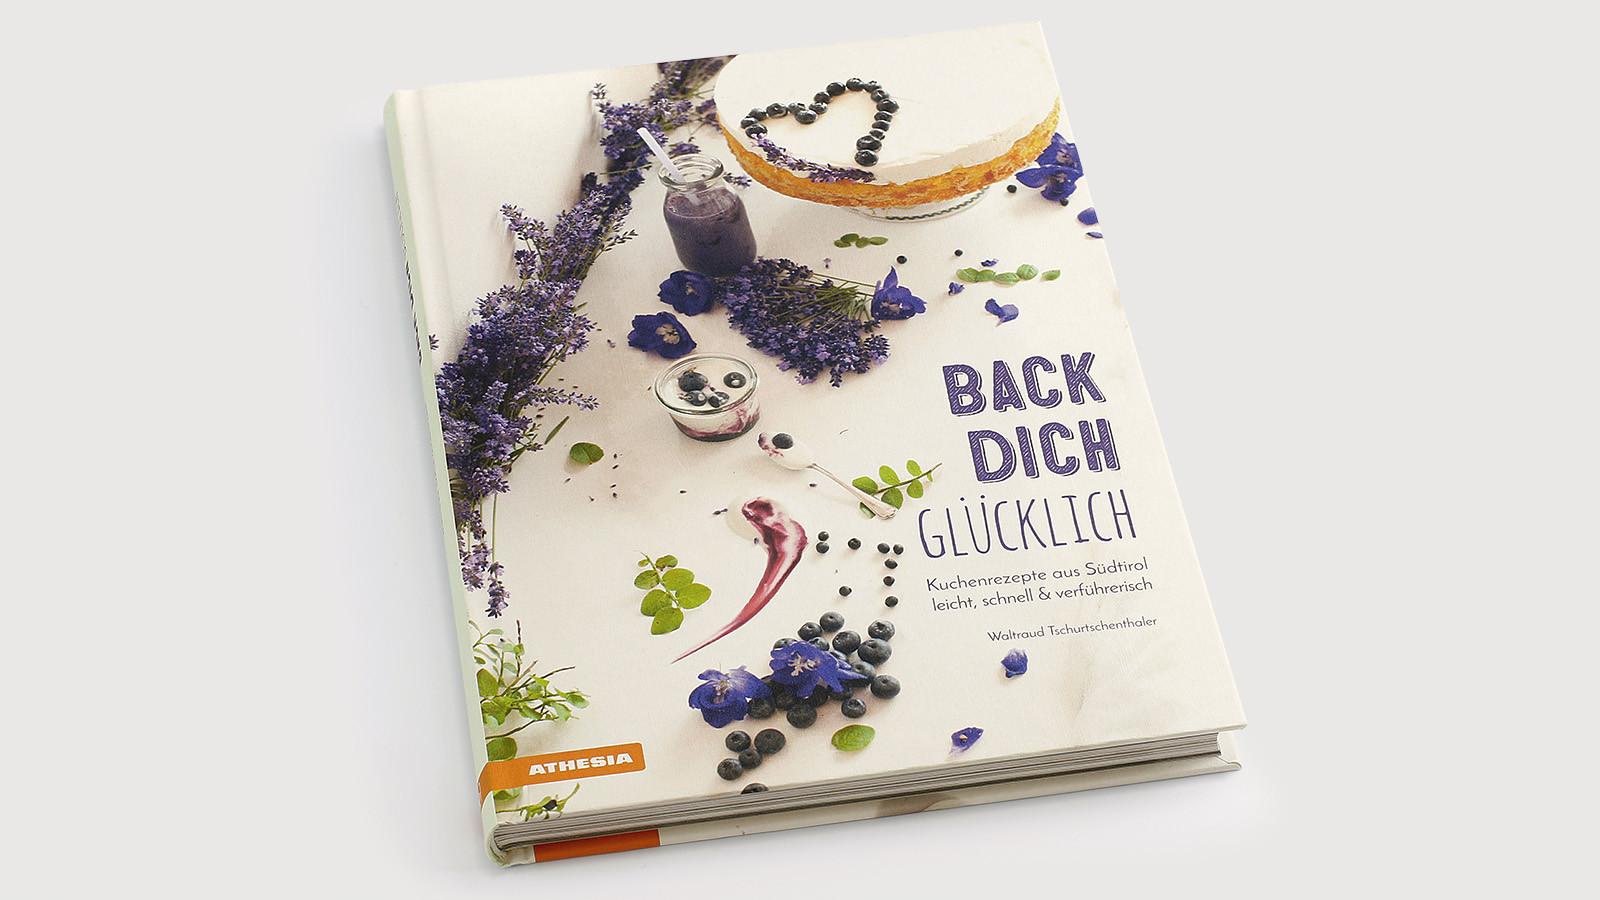 Back_dich_gluecklich